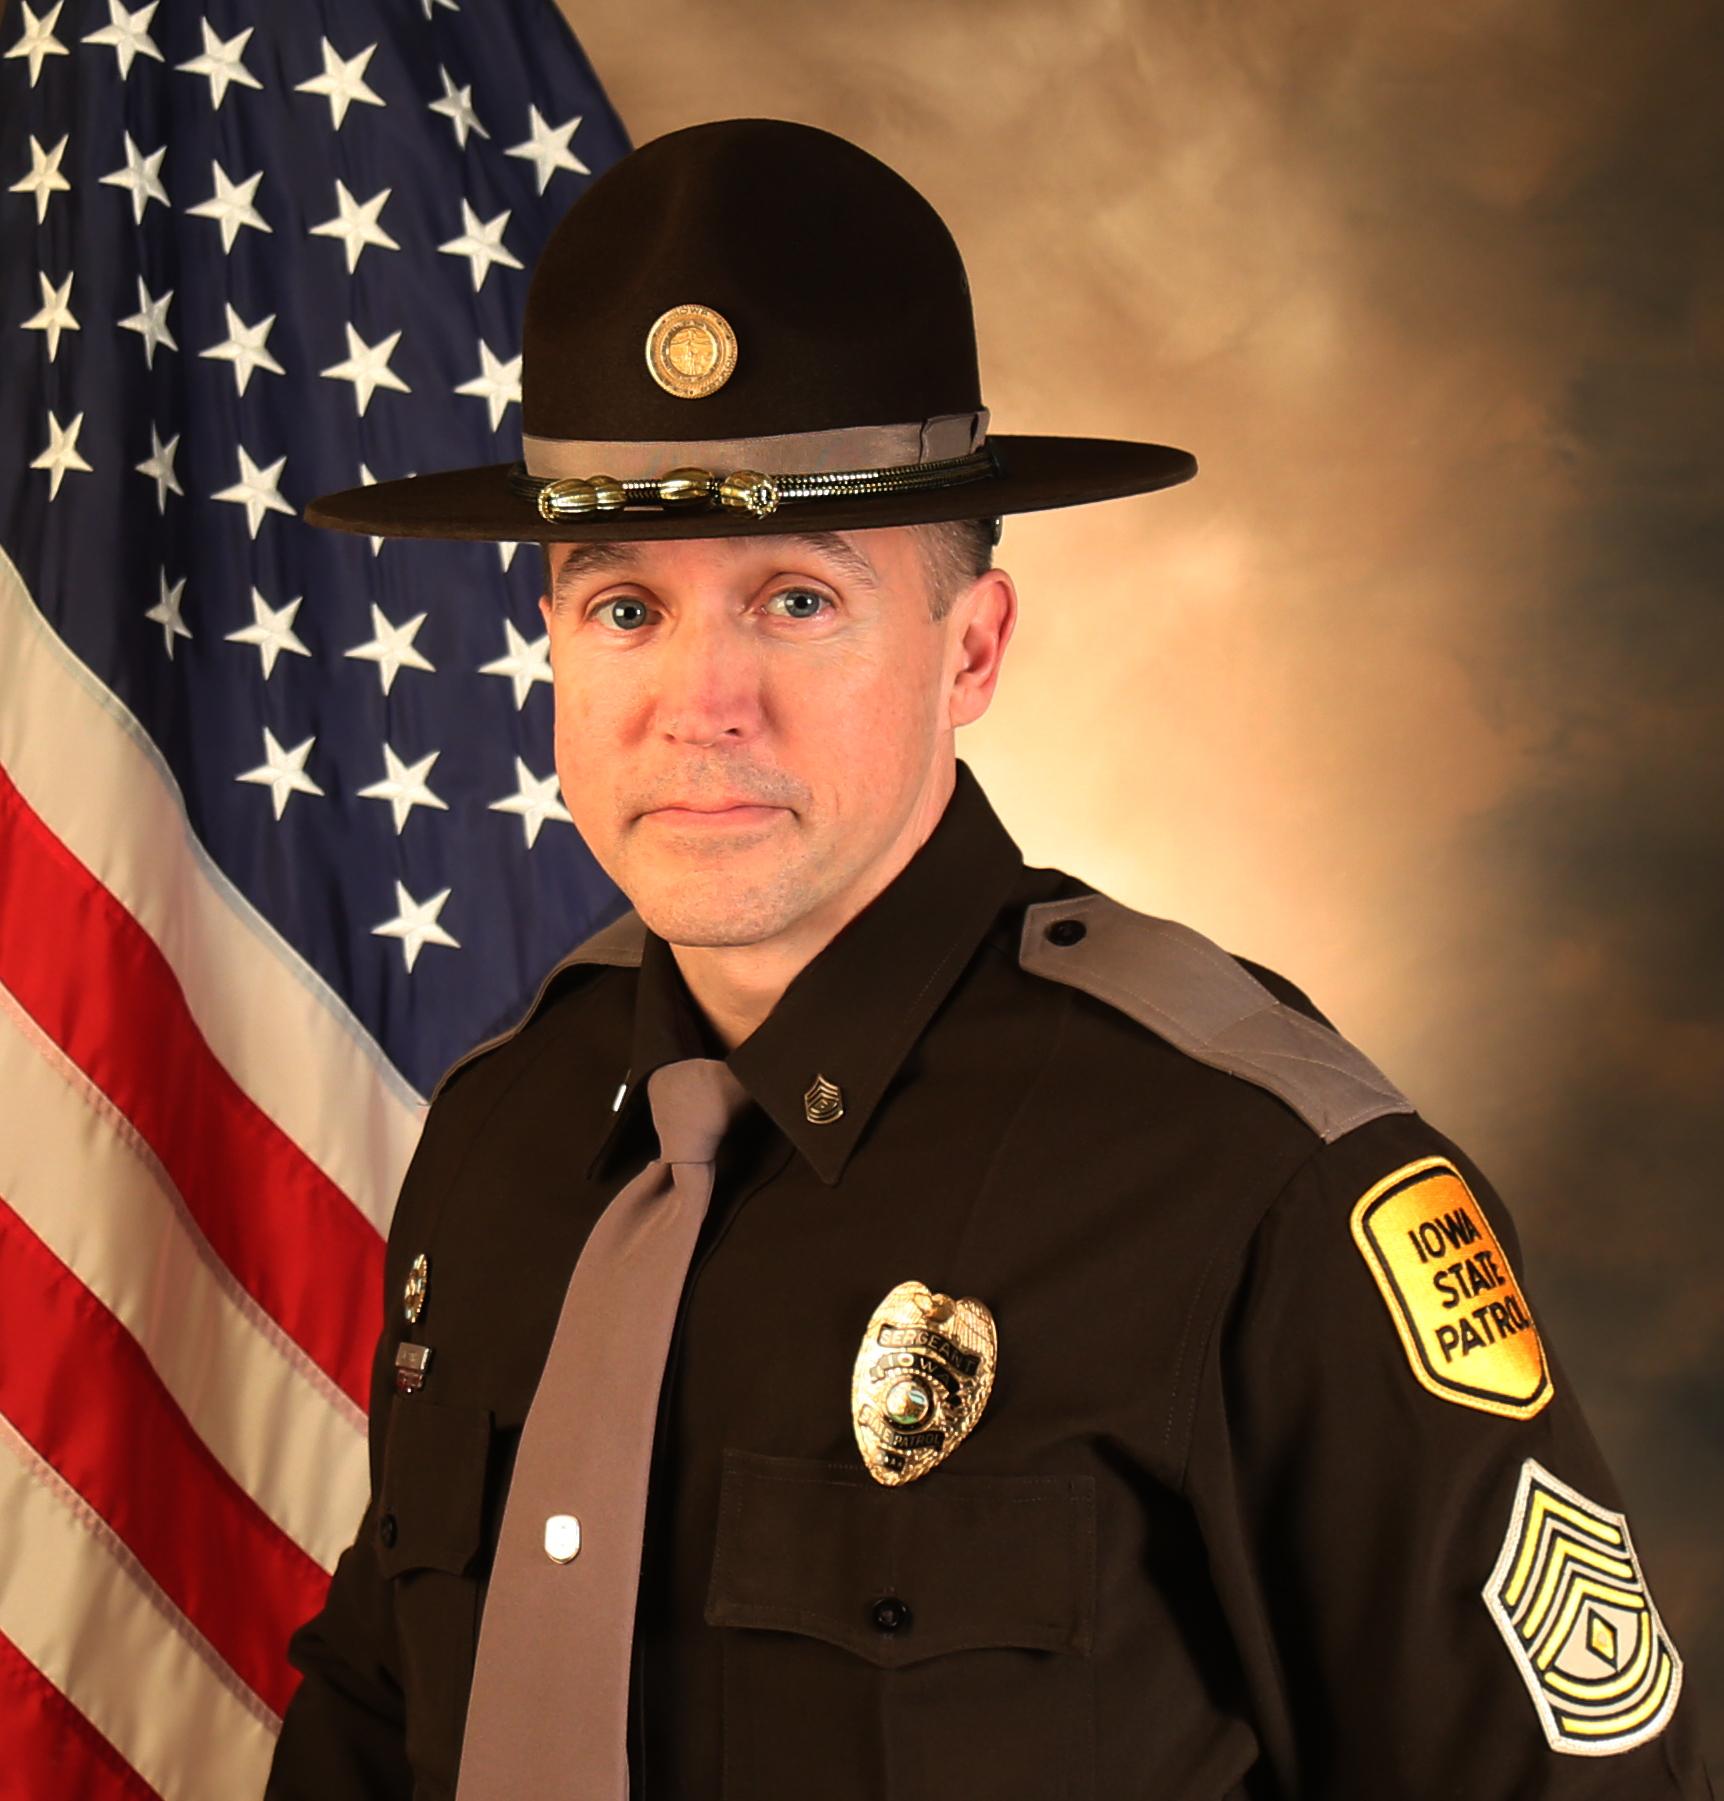 Sergeant James K. Smith | Iowa State Patrol, Iowa